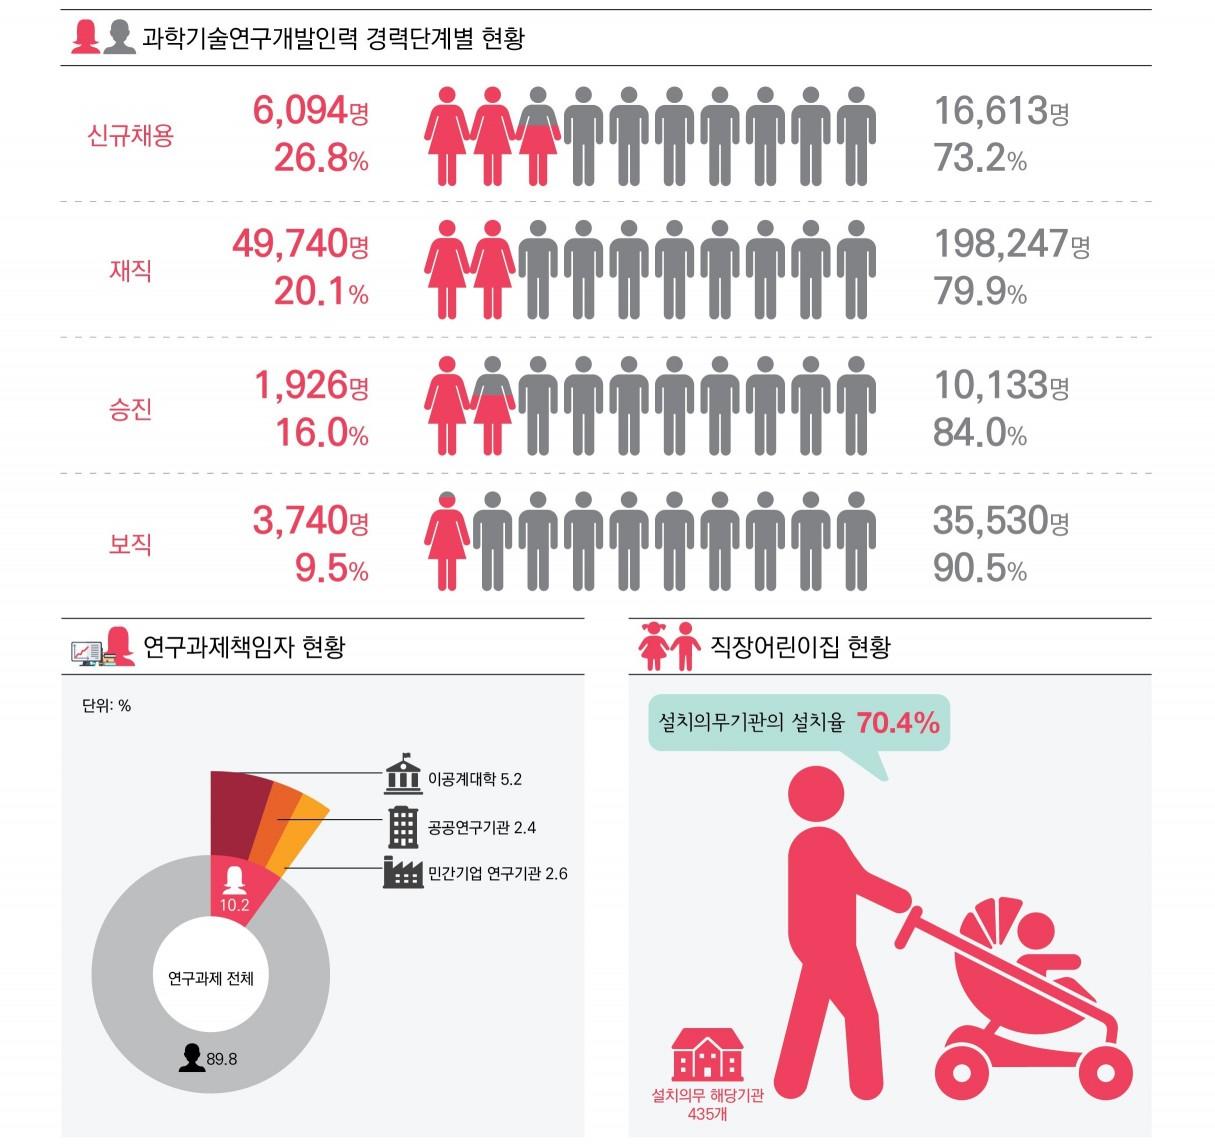 그래프로 보는 2017년도 실태조사 결과 주요내용, 자료 = 한국여성과학기술인지원센터